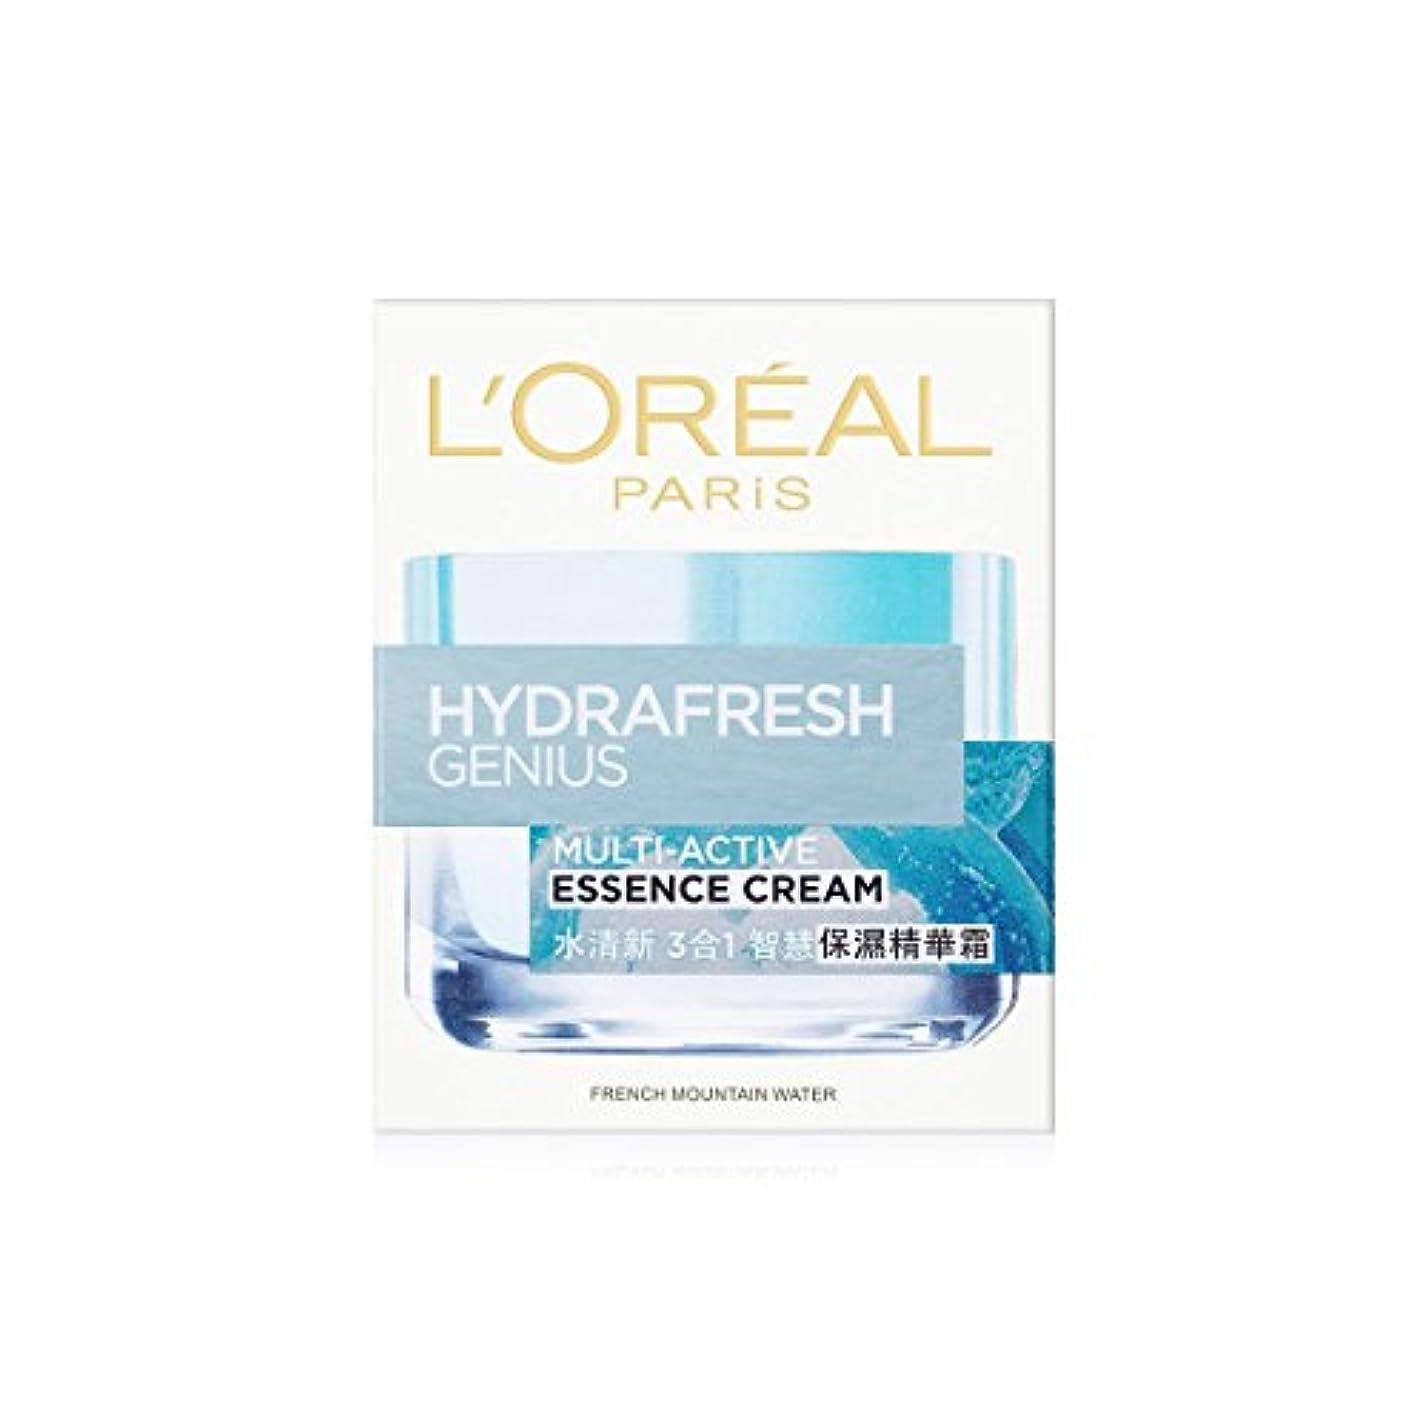 カウントアップ泥大学ロレアル Hydrafresh Genius Multi-Active Essence Cream 50ml/1.7oz並行輸入品